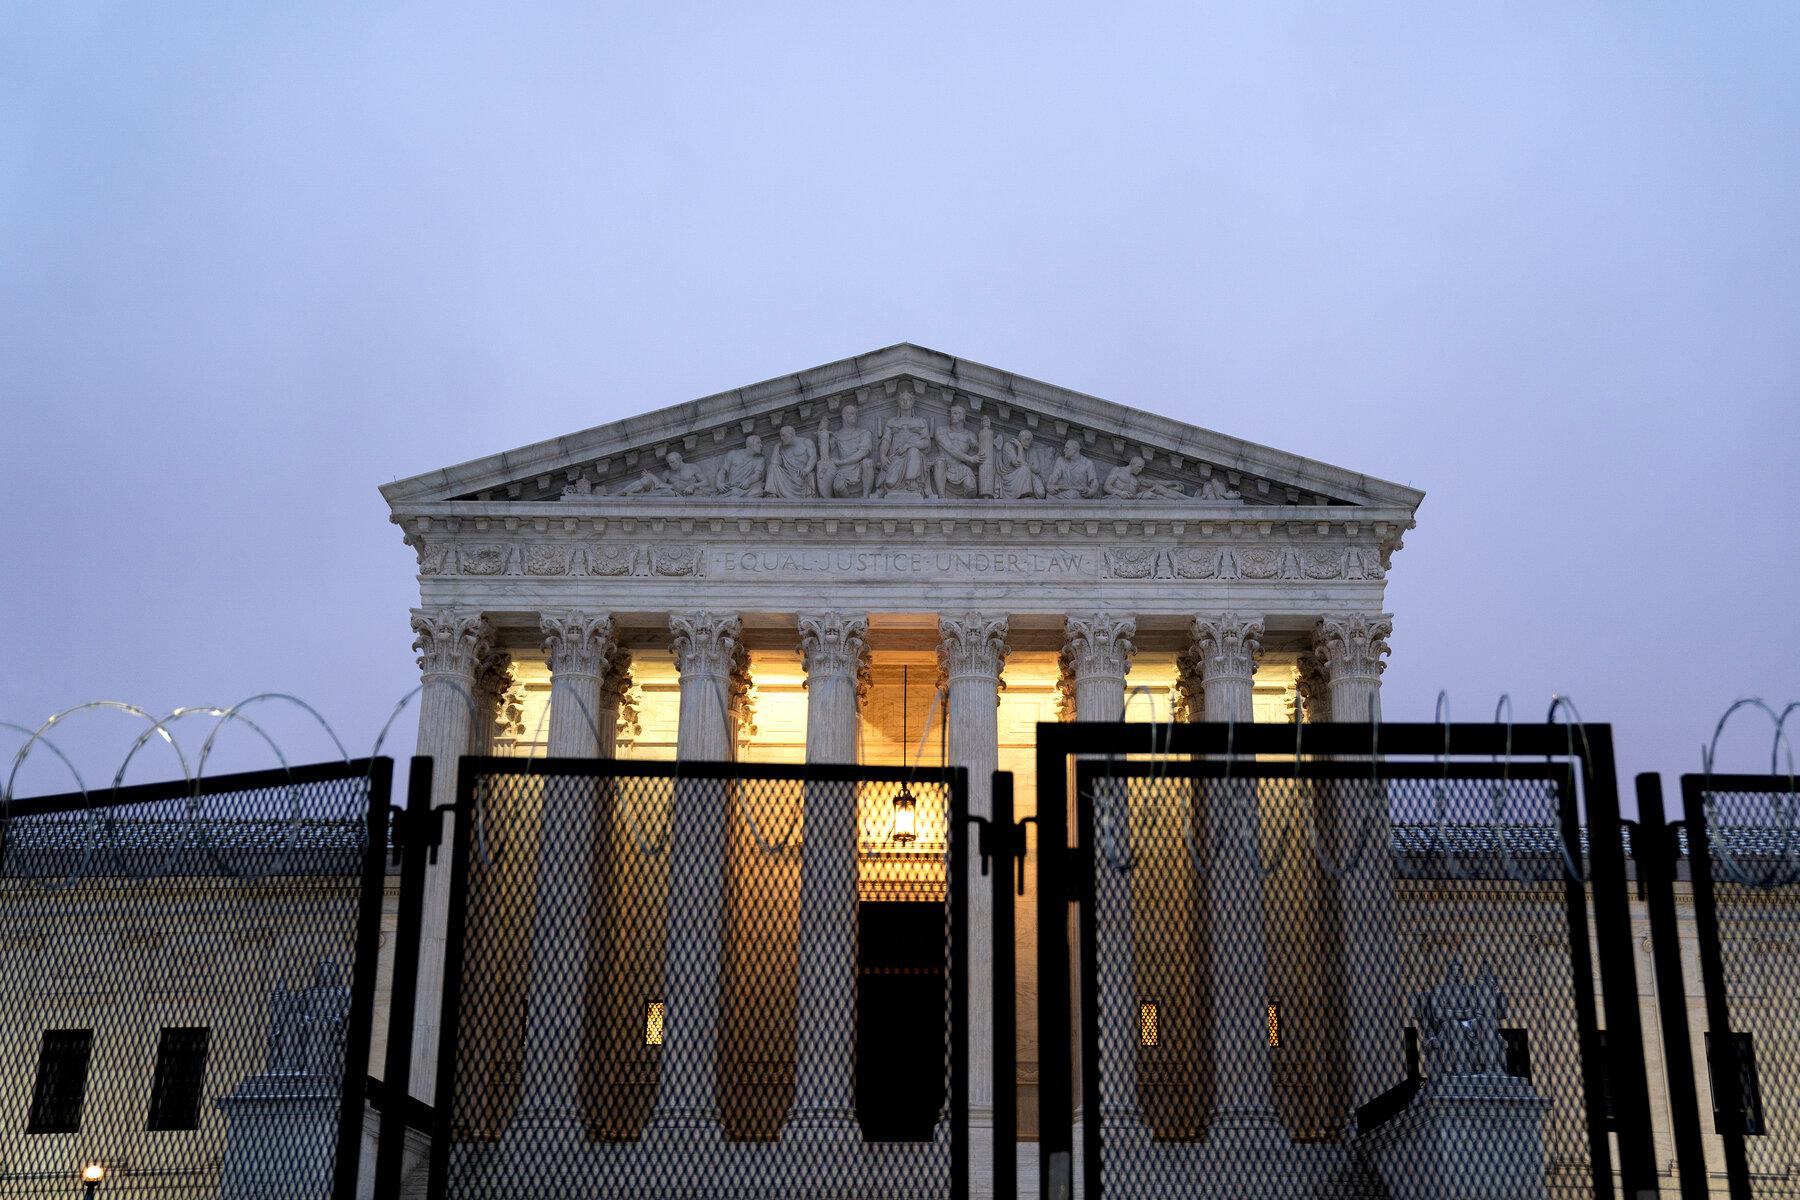 拜登将创建委员会研究最高法院改革事宜